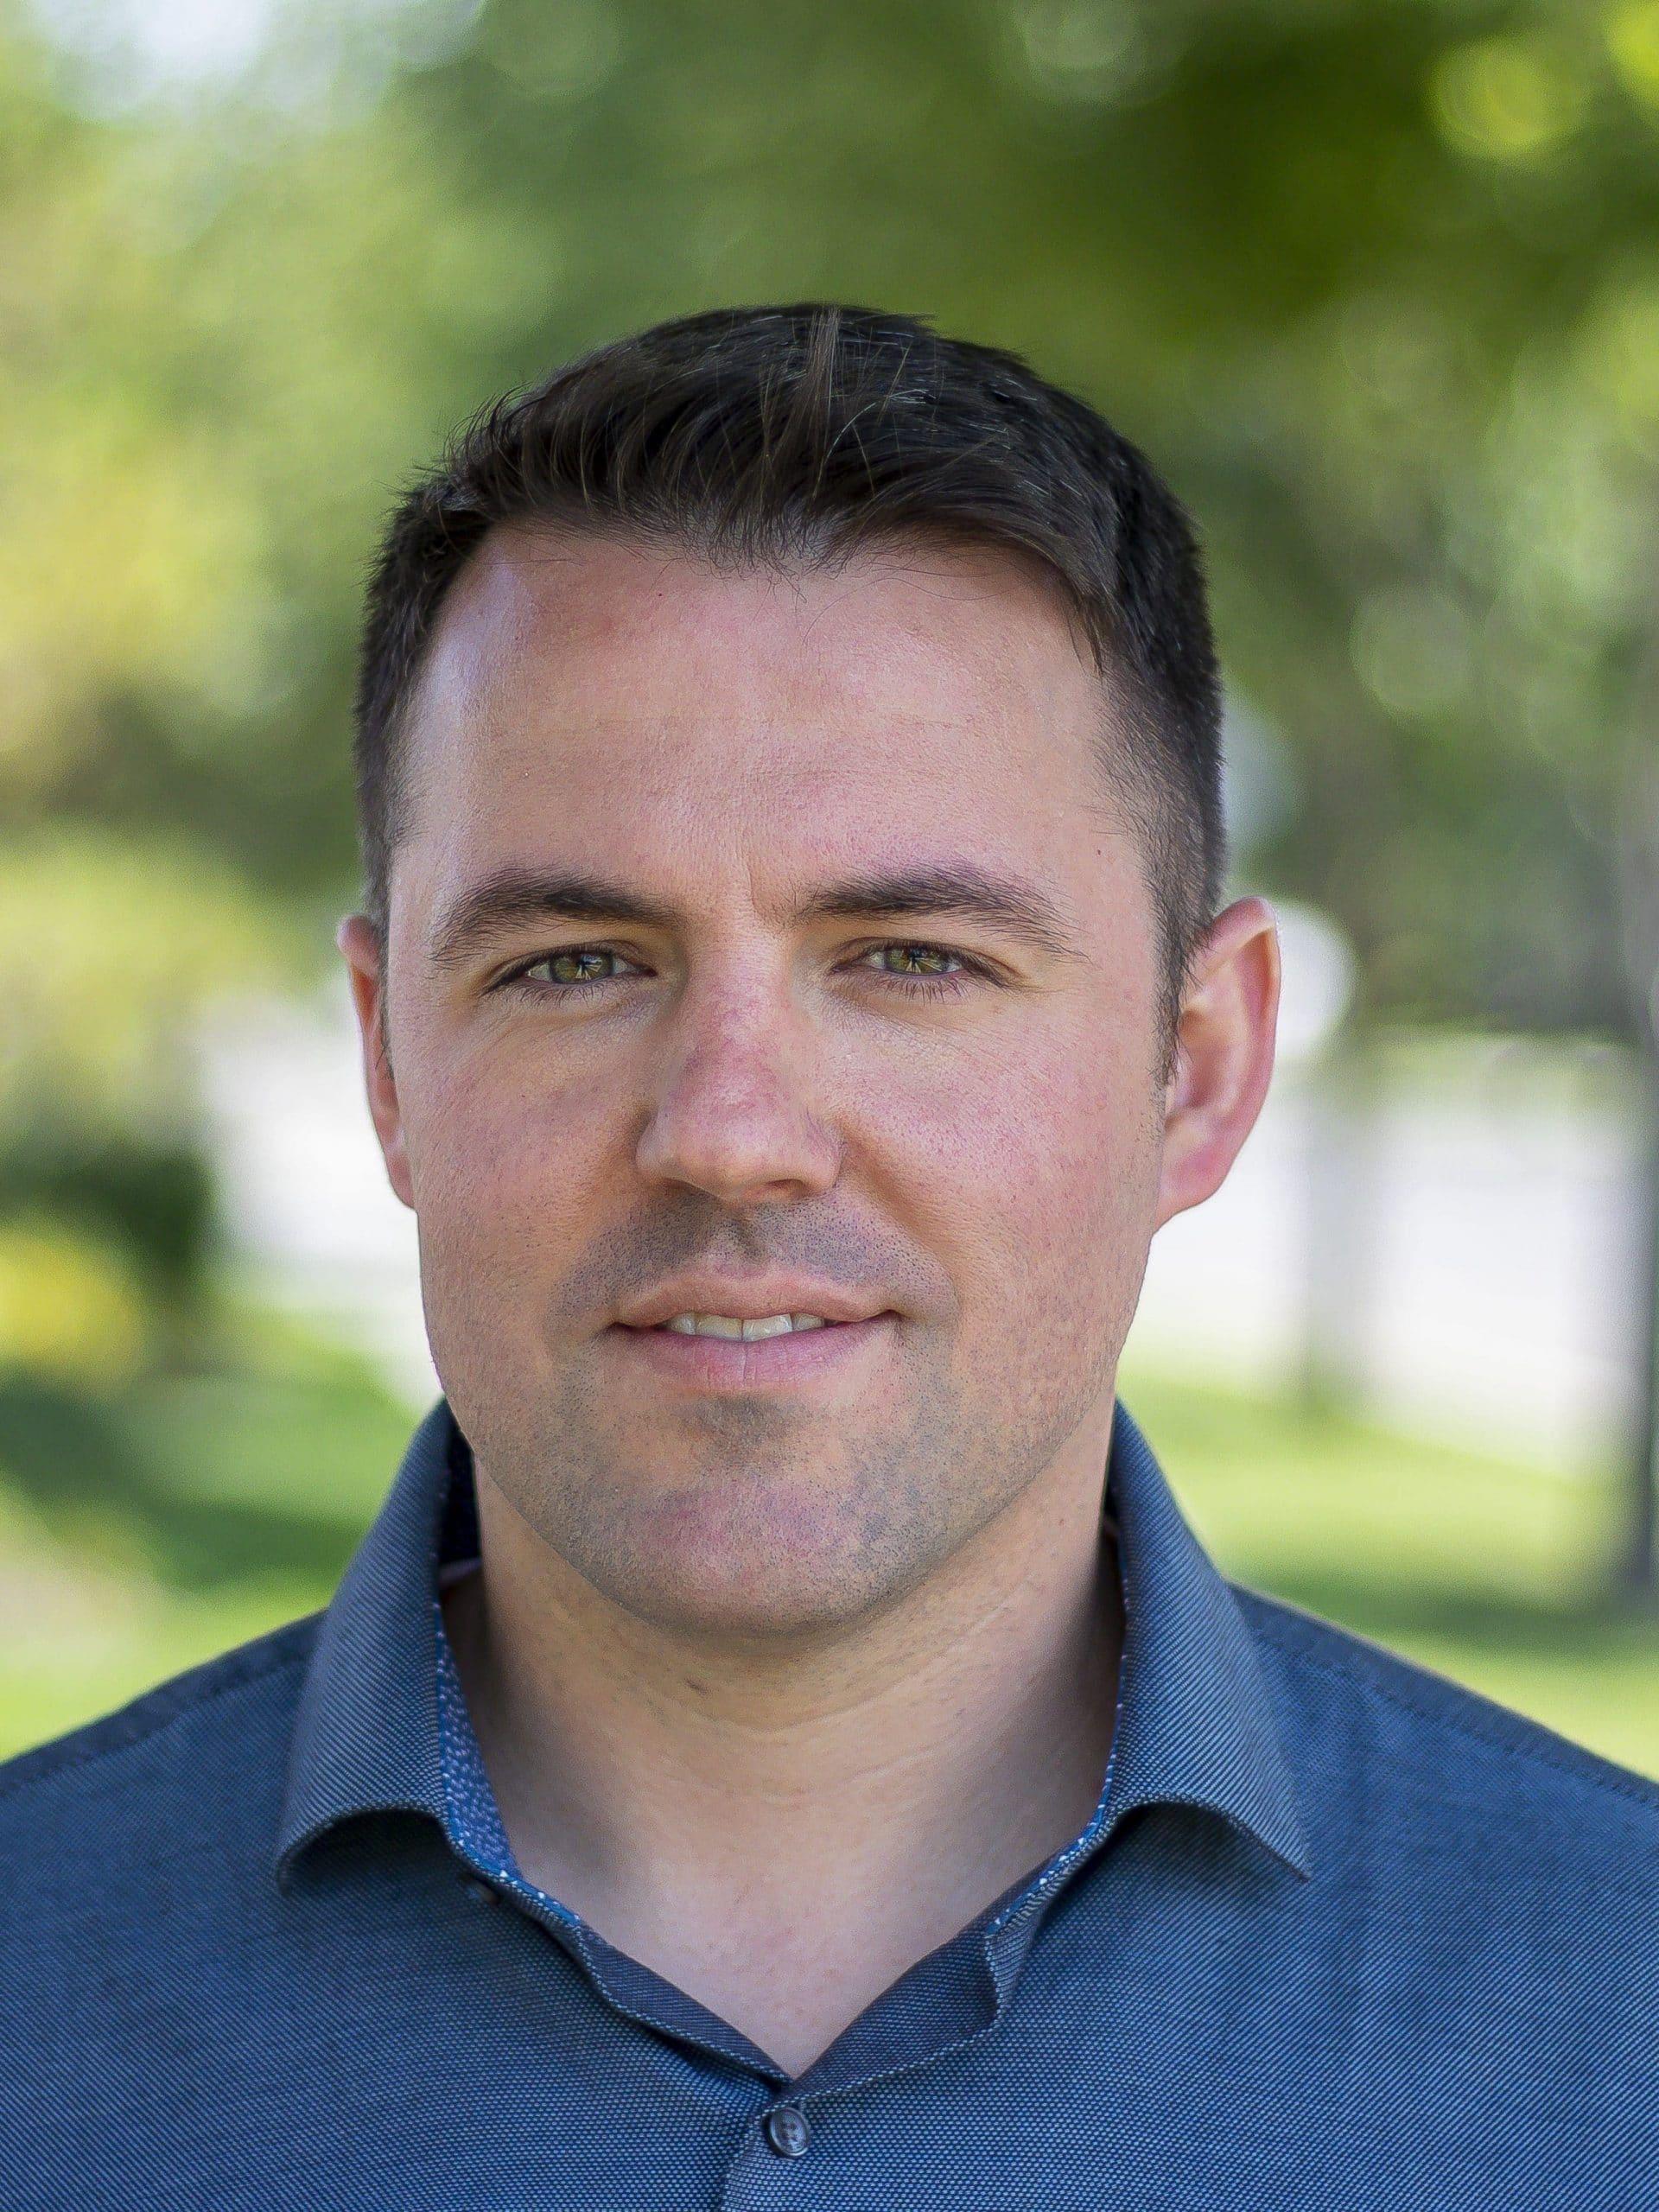 Ethan Kirk